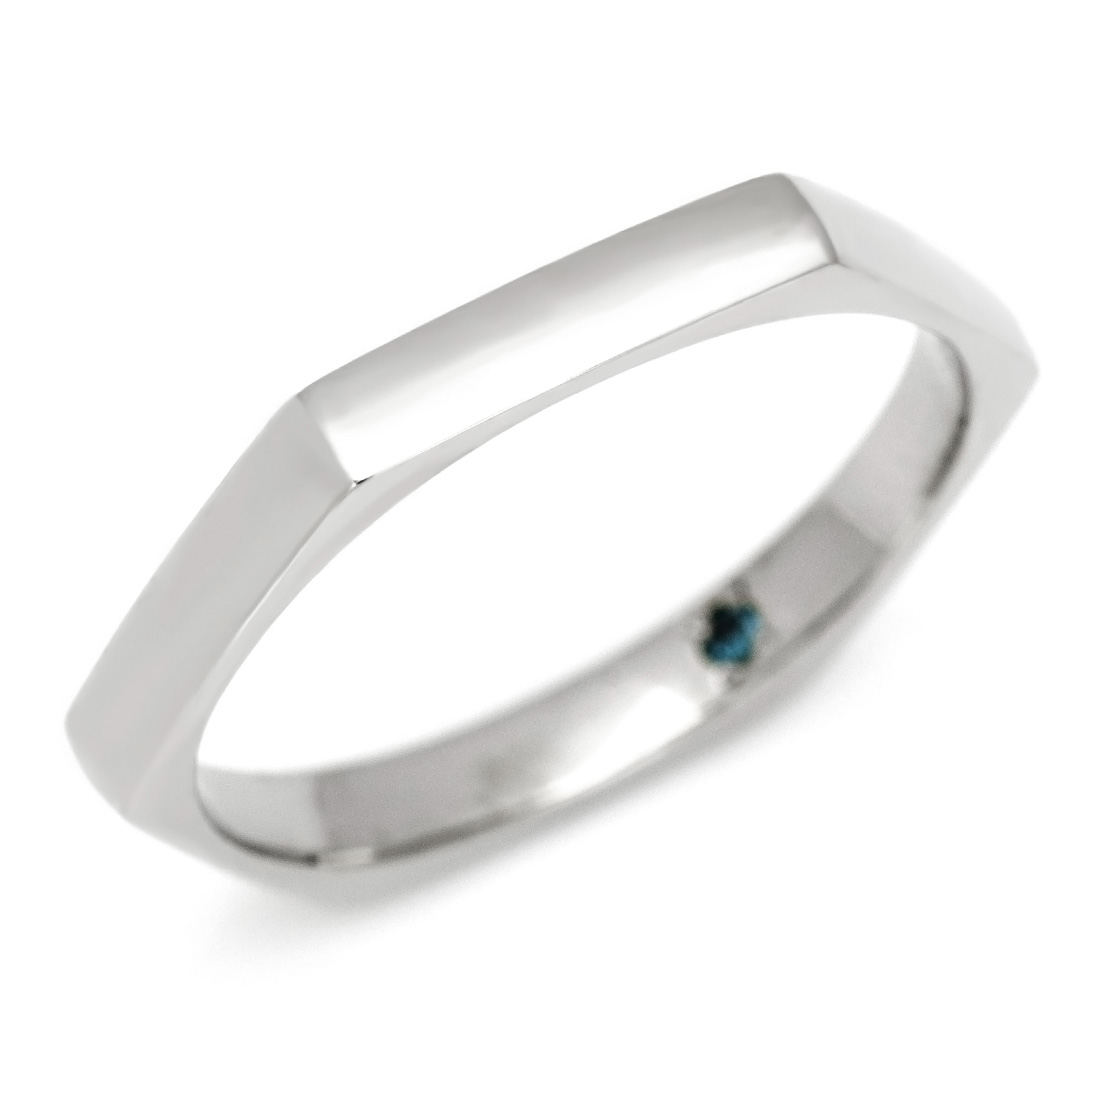 【GWクーポン配布中】マリッジリング ブルーダイヤモンド 「Promise」 プラチナ900 (メンズ:10~29号)